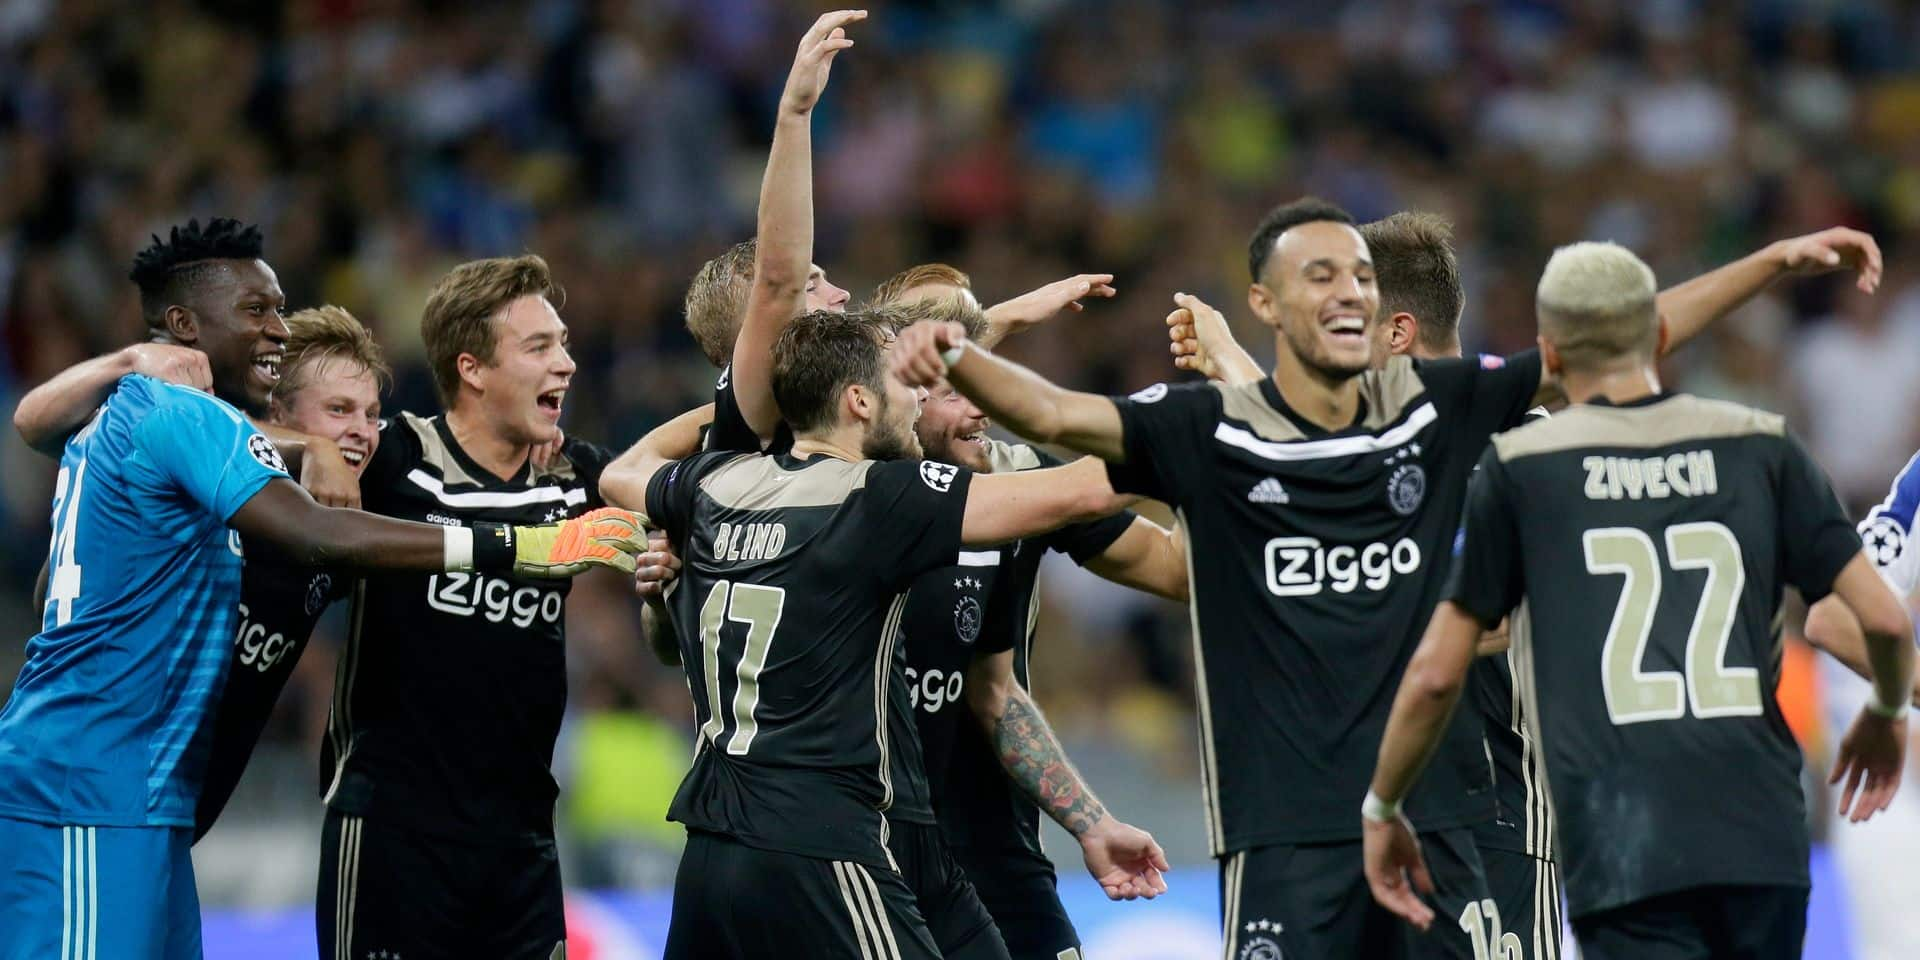 Ligue des Champions: L'Ajax retrouve la phase de poules après quatre saisons, l'AEK et Young Boys qualifiés